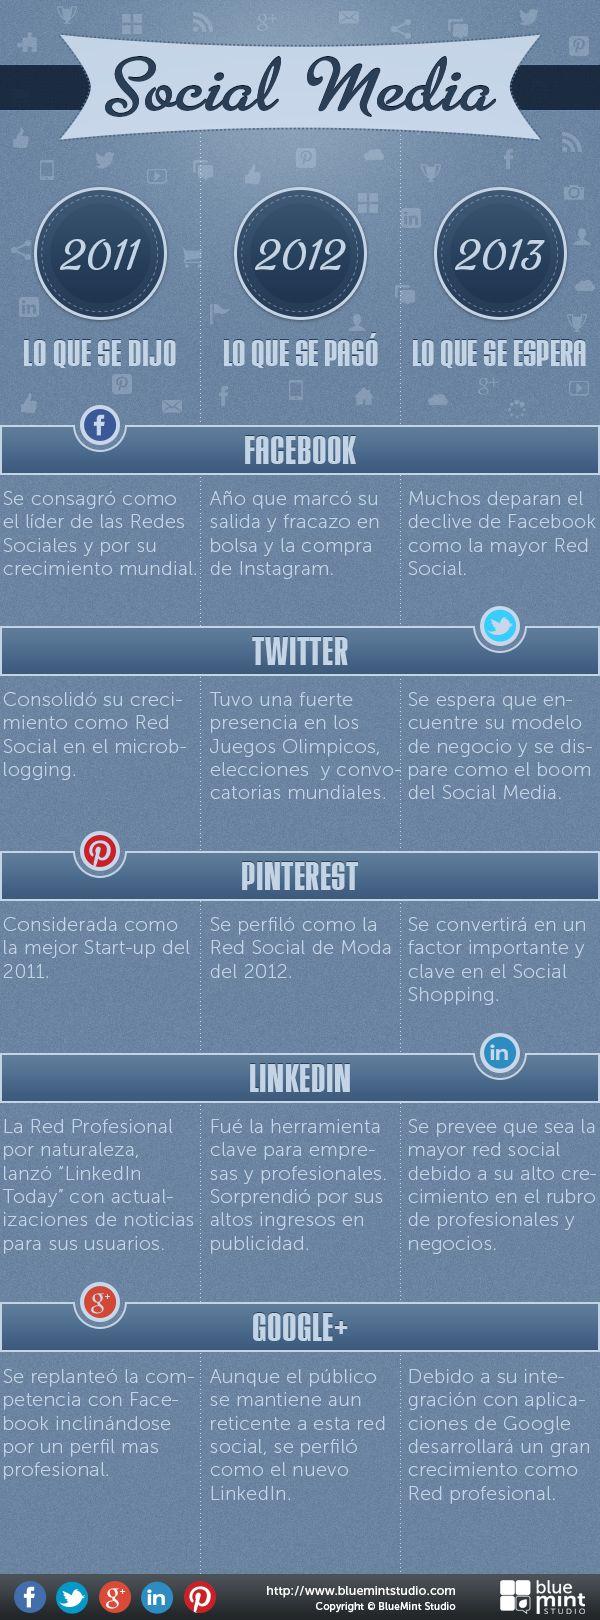 Lo que se dijo, Lo que paso y lo que se espera del #SocialMedia #infografía